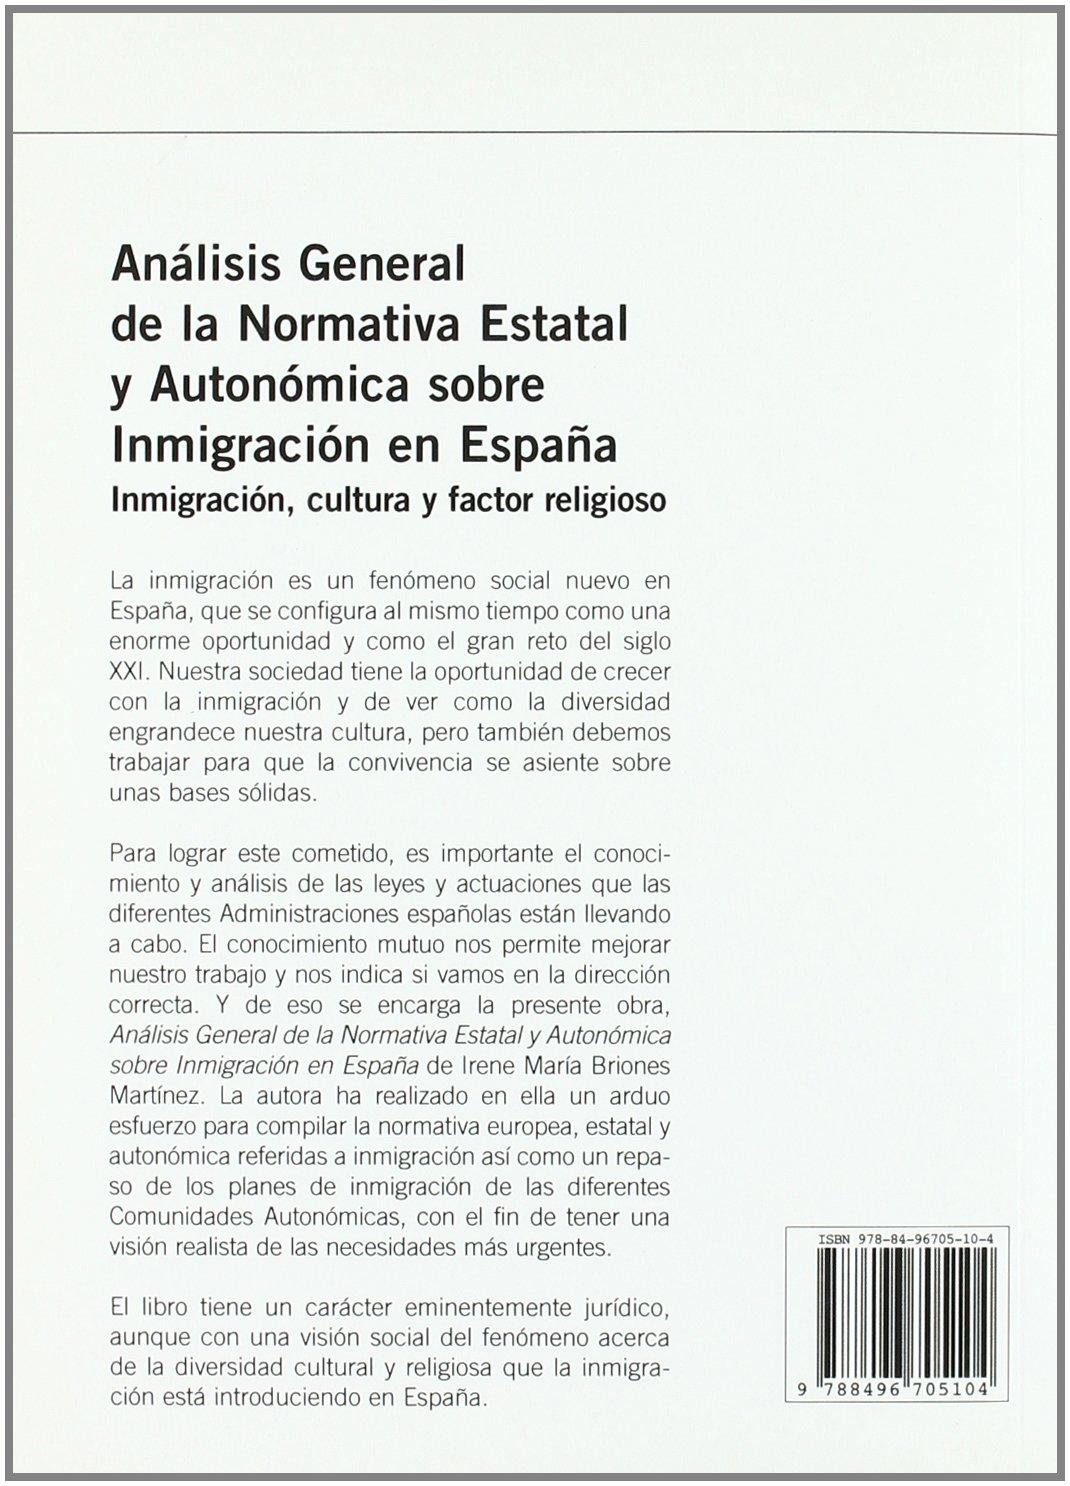 Analisis general de la normativa estatal y autonomica sobre ...